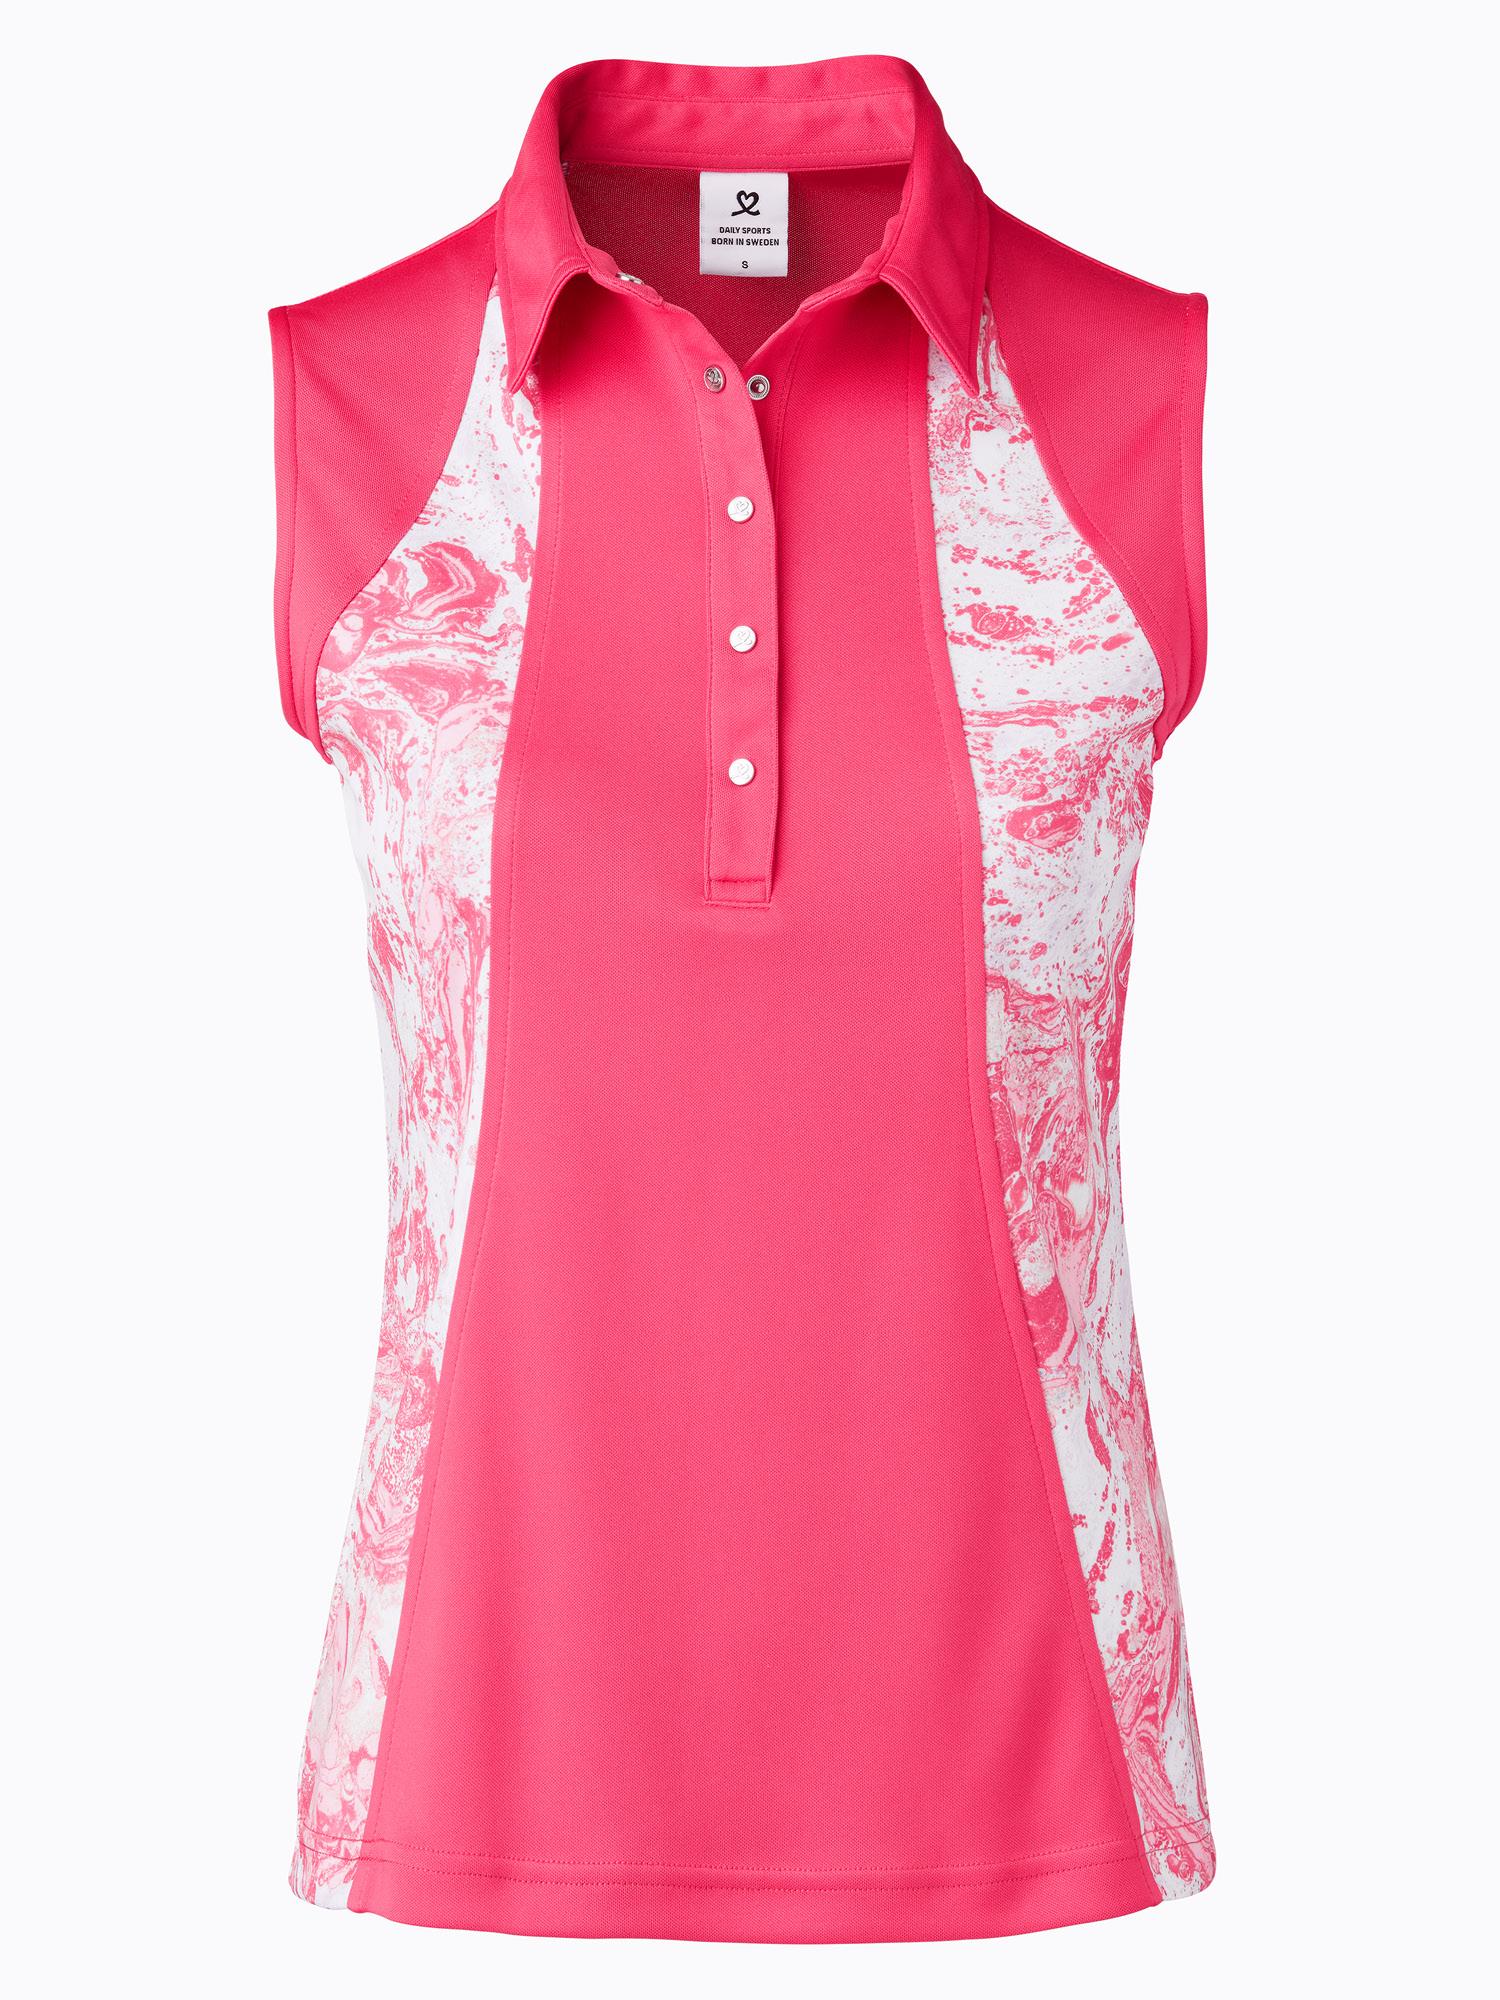 Adelina Sleeveless Polo Shirt